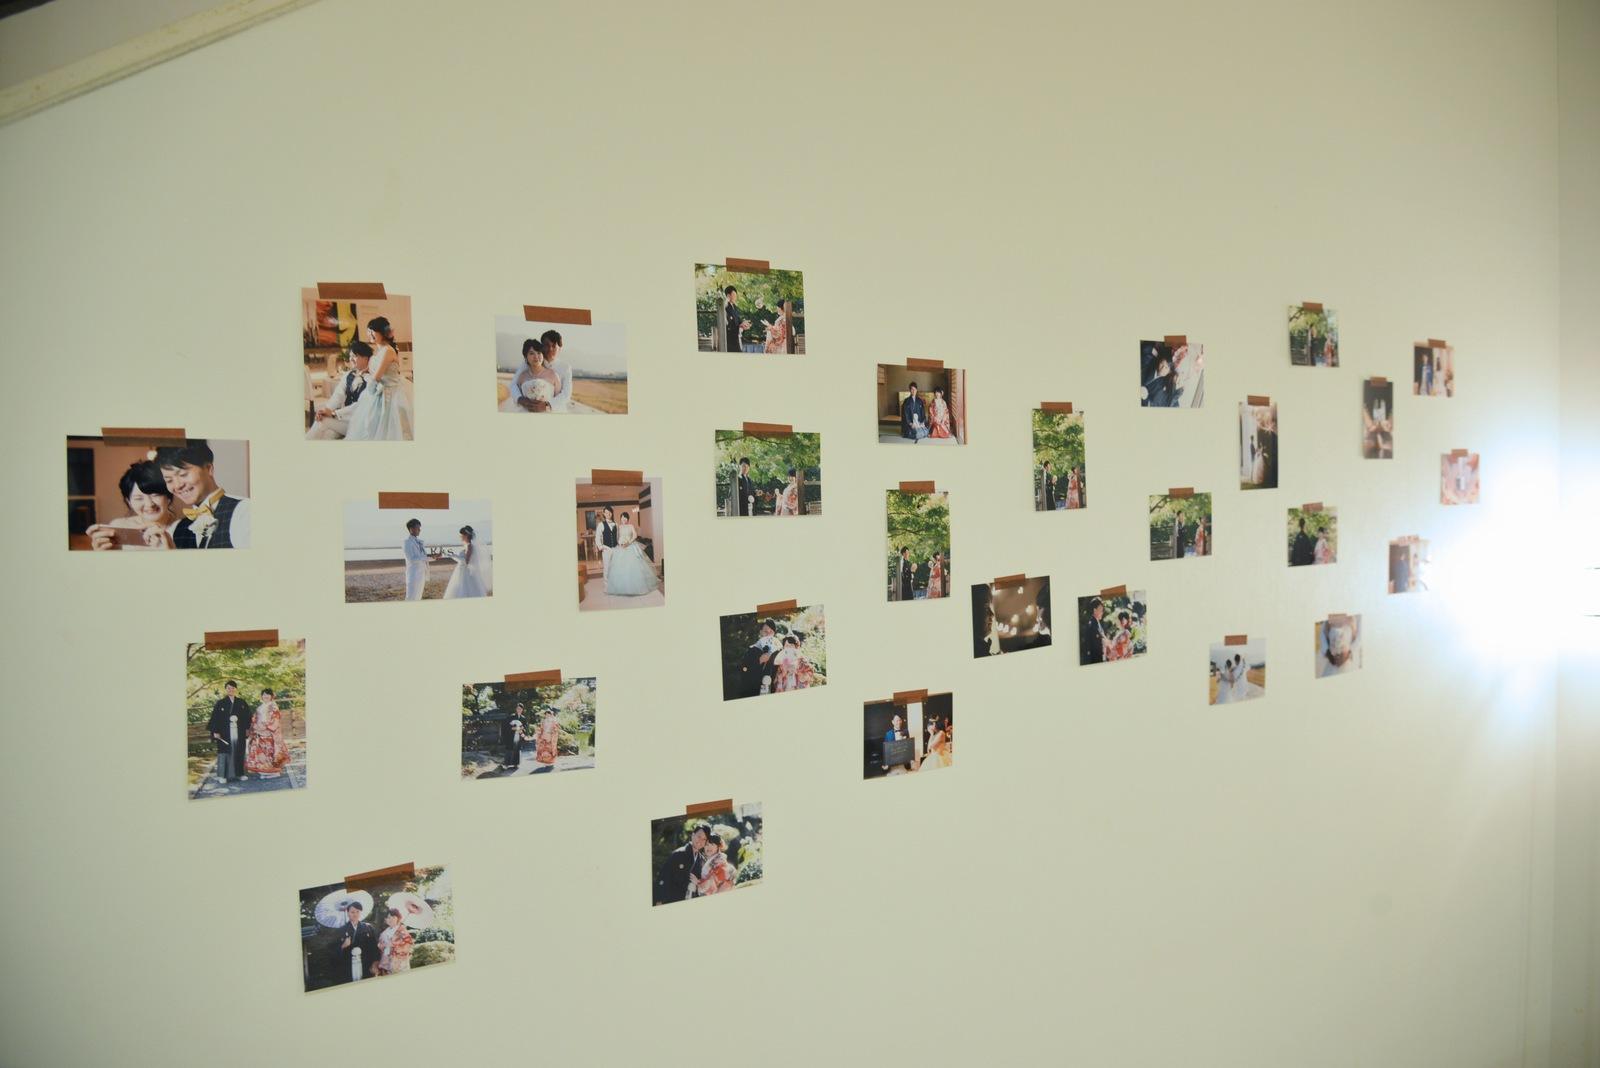 香川県の結婚式場シェルエメール&アイスタイル ウェルカムスペース